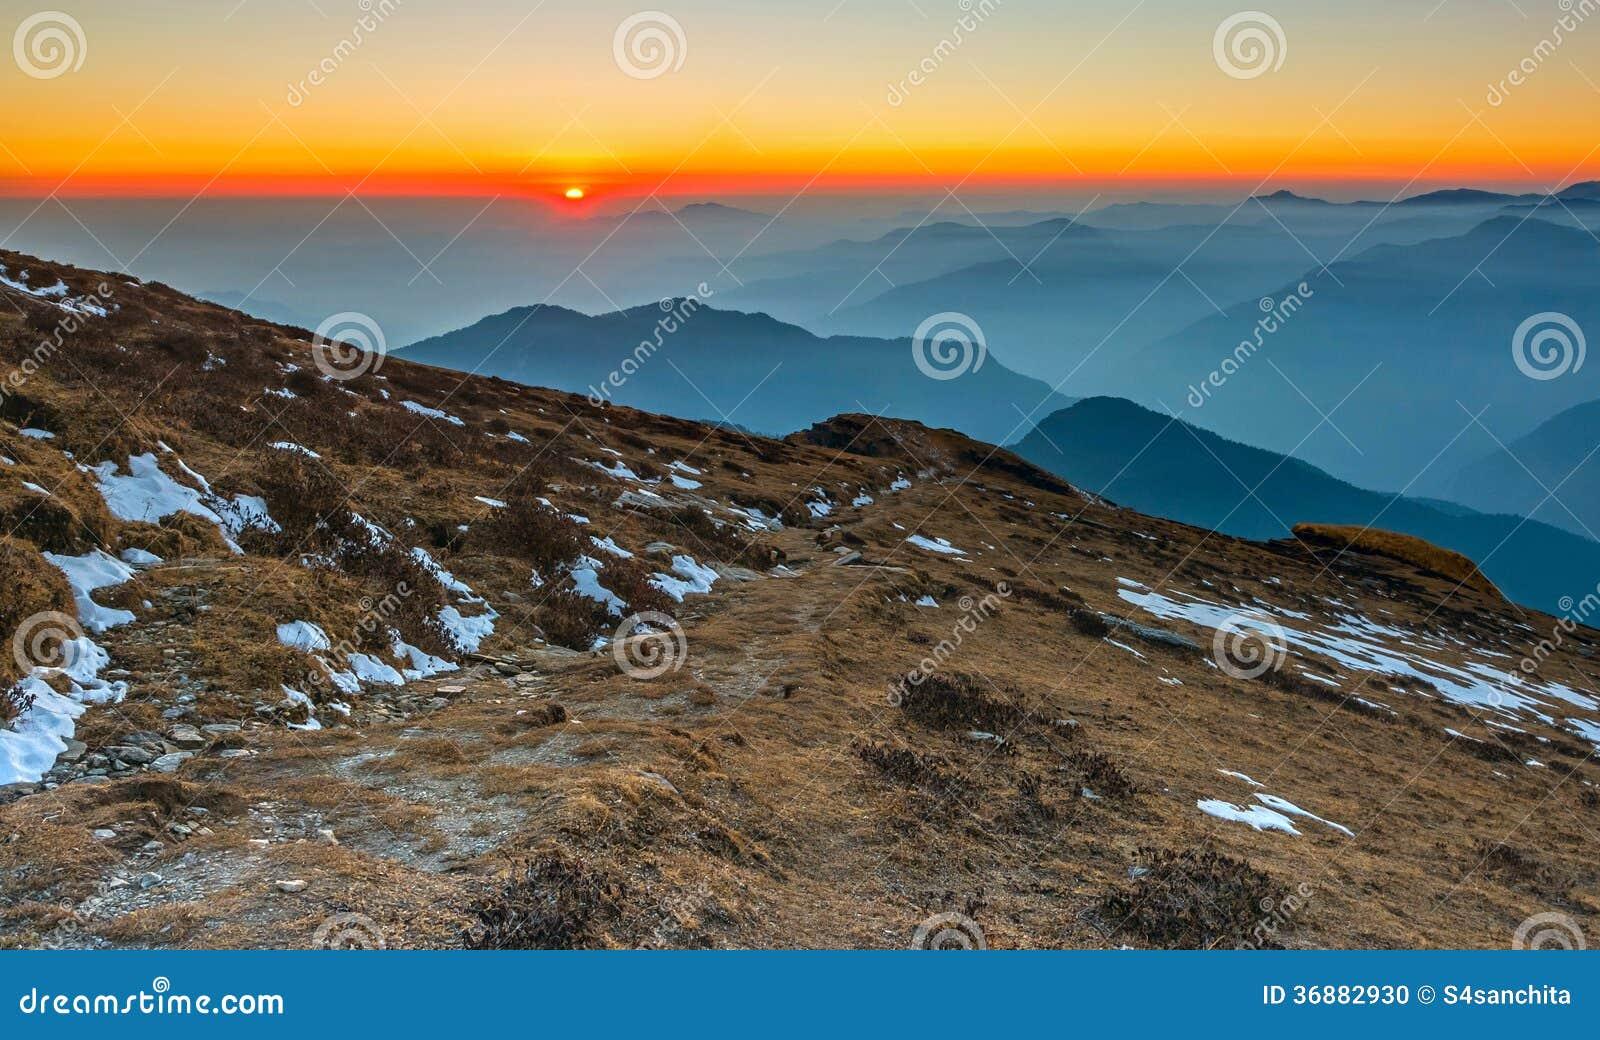 Download Percorso Alla Cima Della Collina Fotografia Stock - Immagine di sole, mattina: 36882930